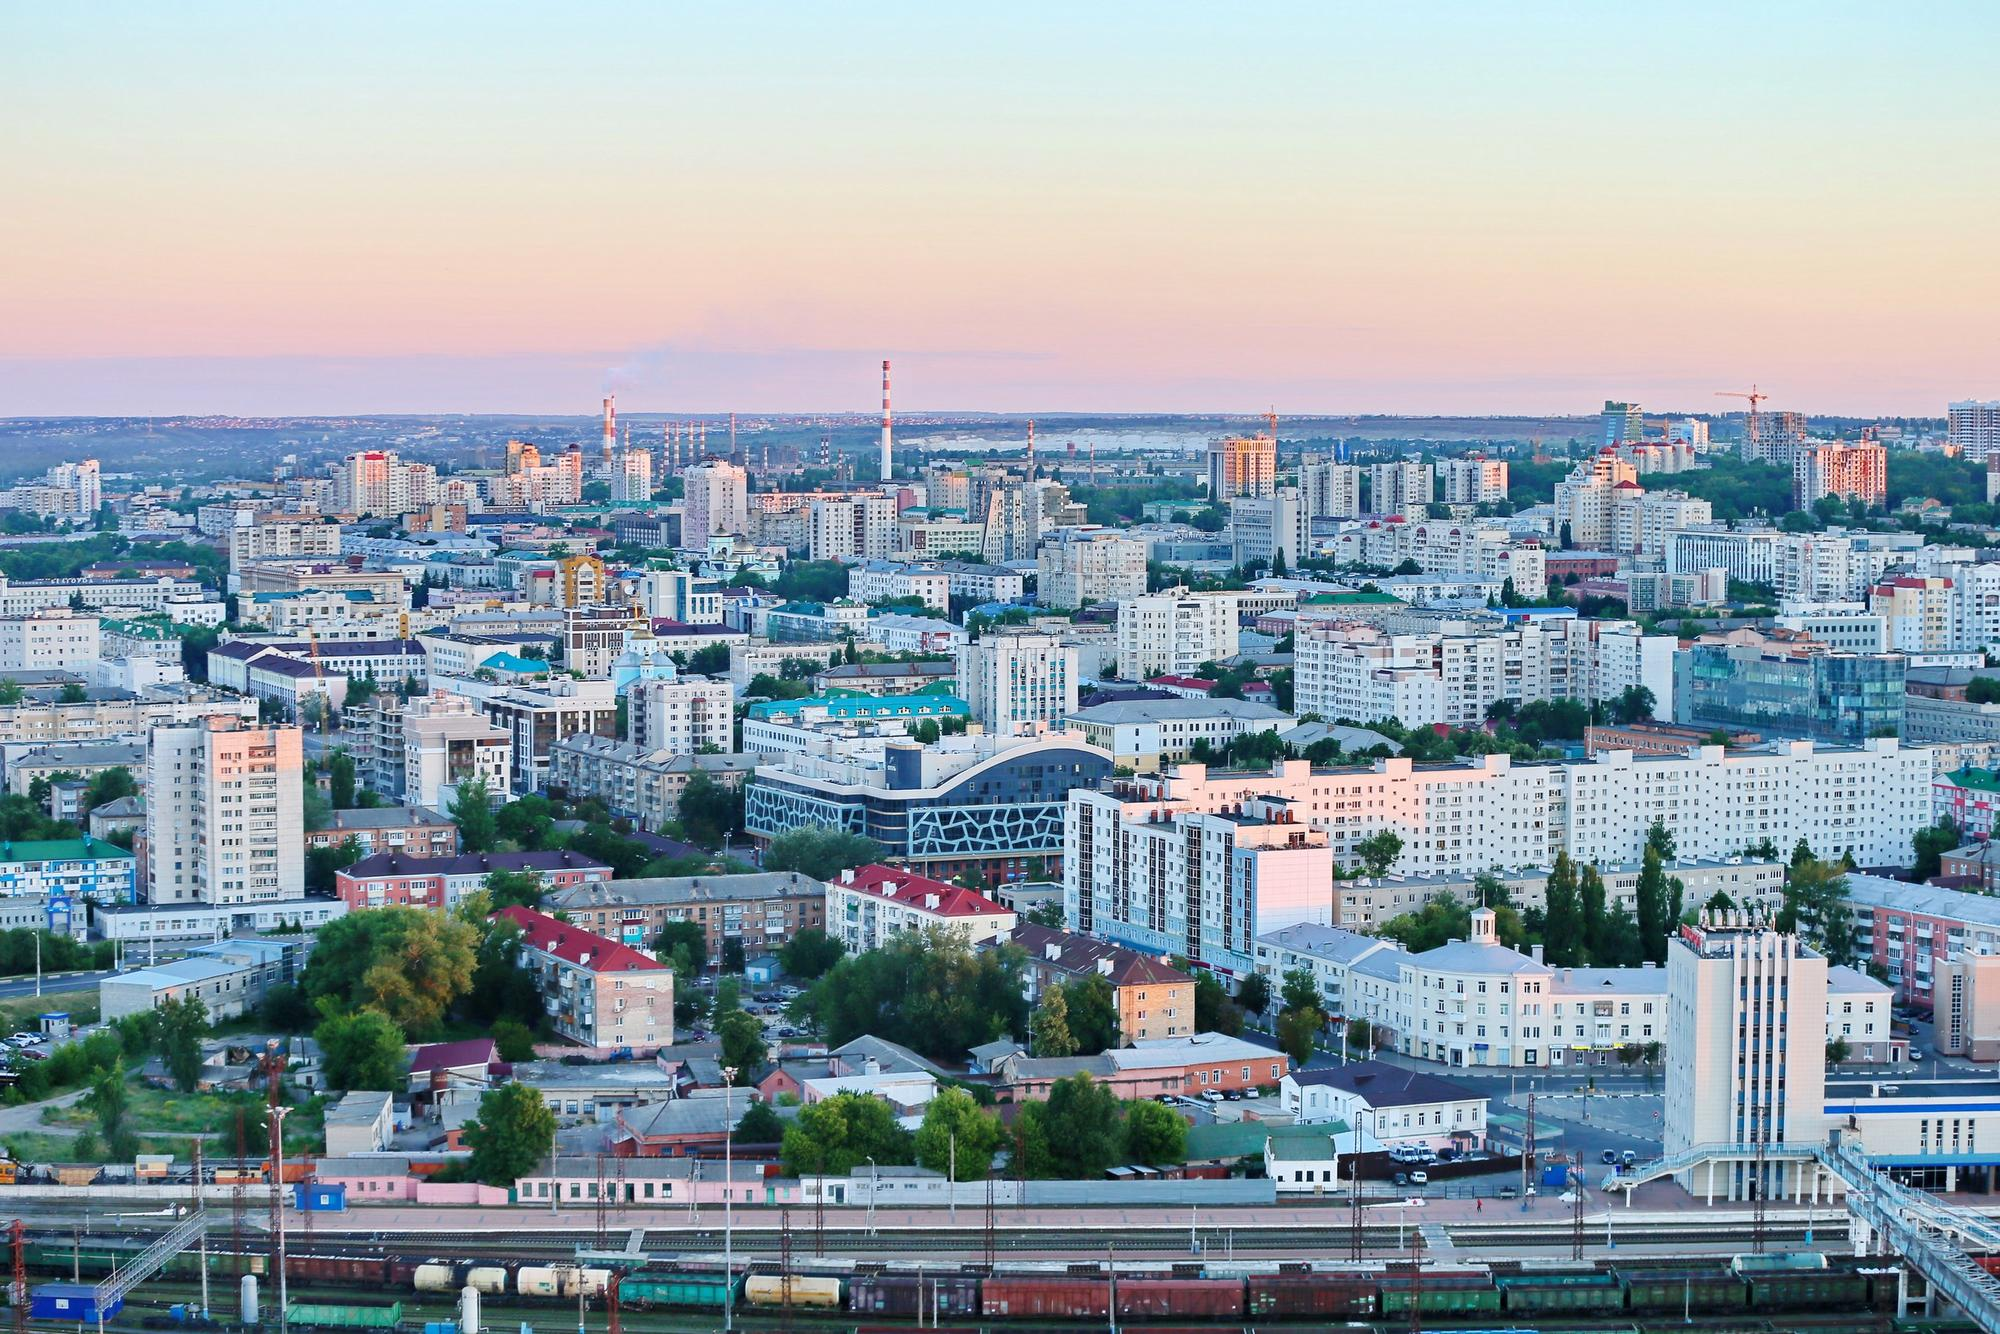 Ж/д билеты «Ласточка» Москва - Белгород расписание поезда и цена